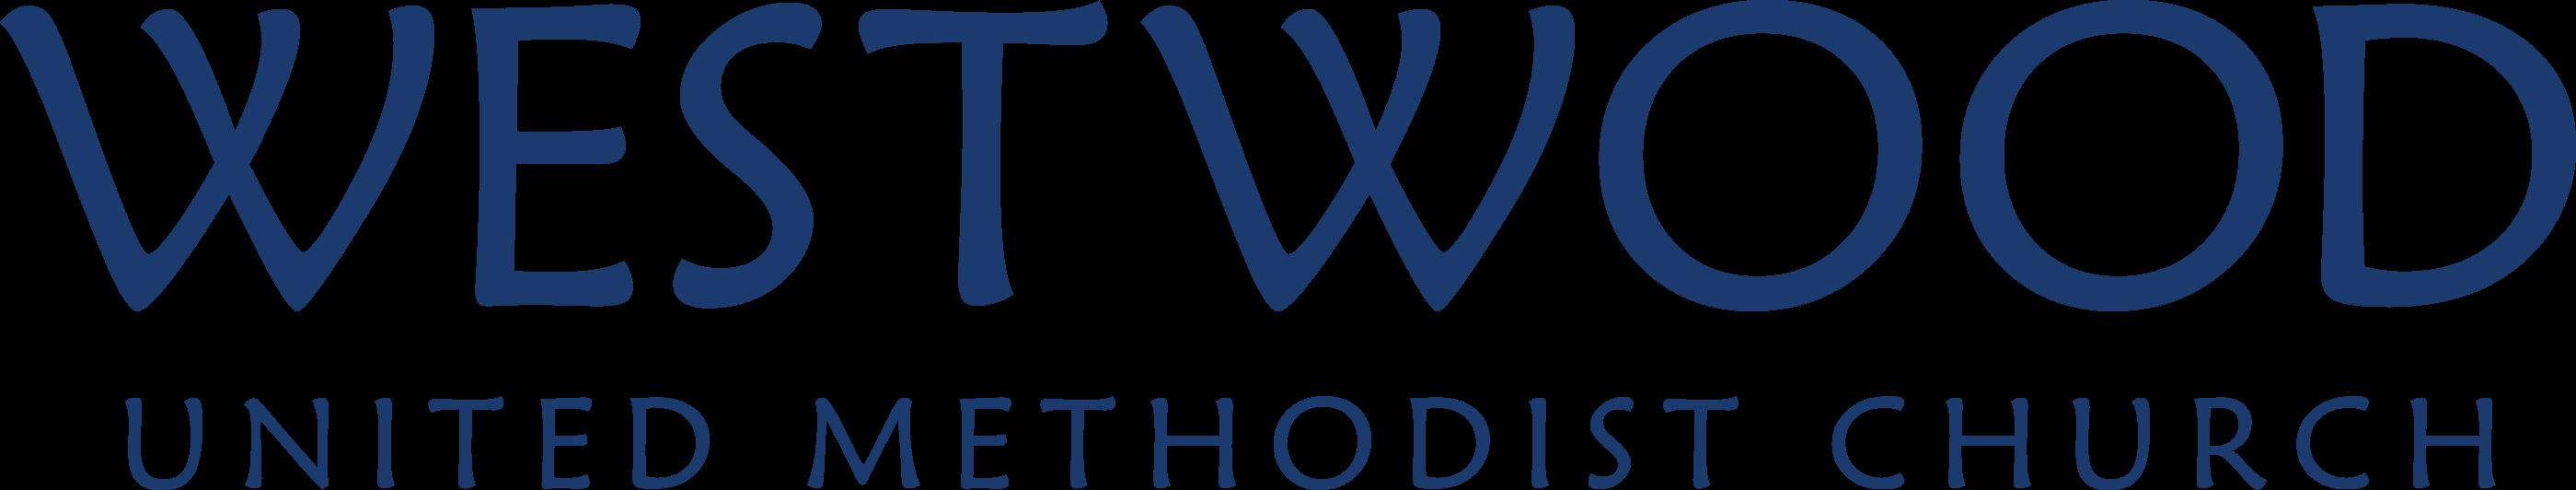 Westwood United Methodist Church logo